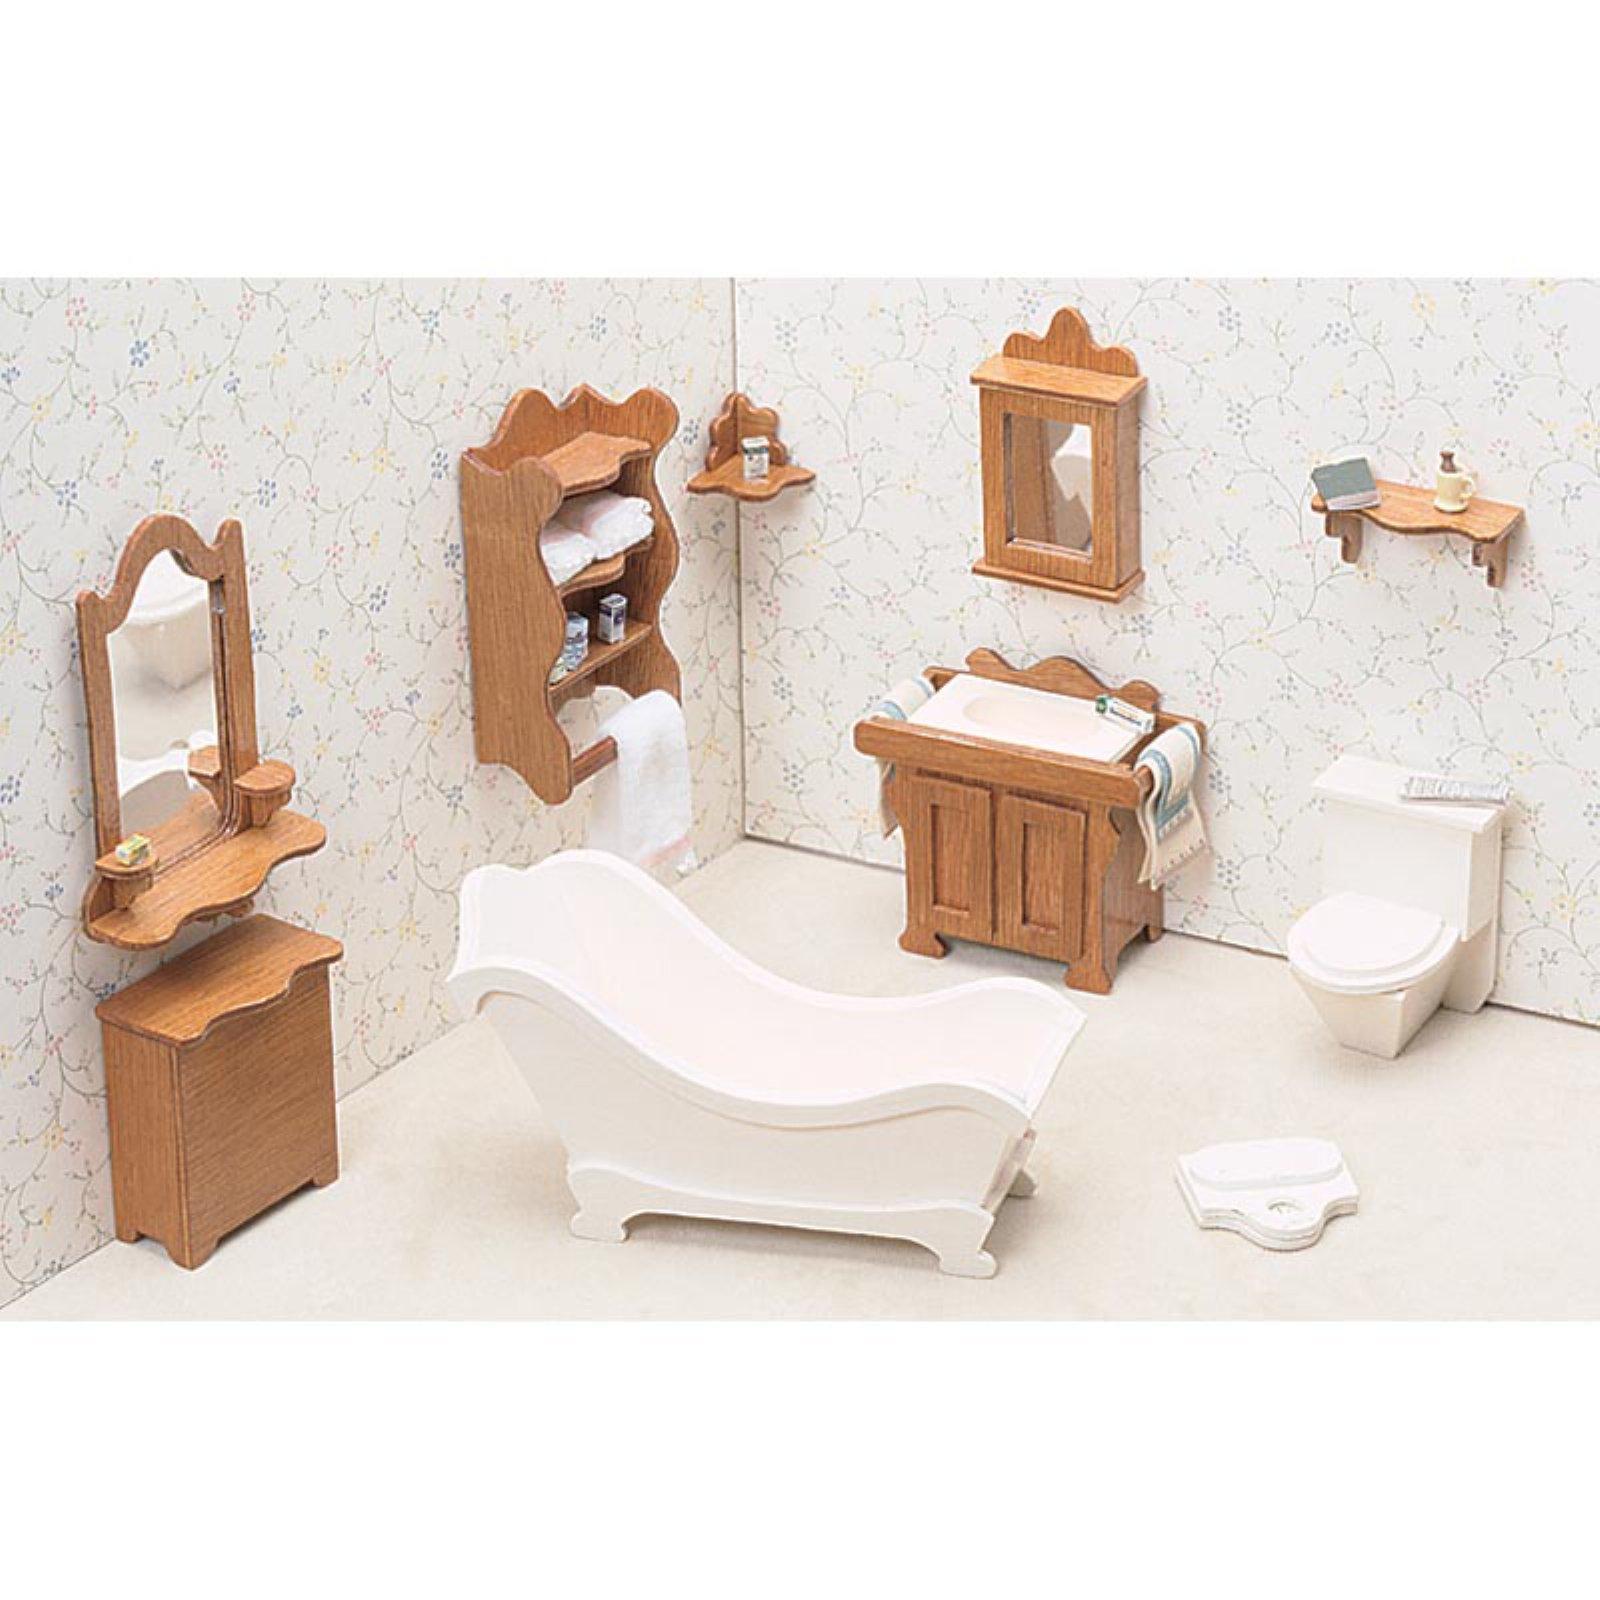 Dollhouse Furniture Kit-Bathroom